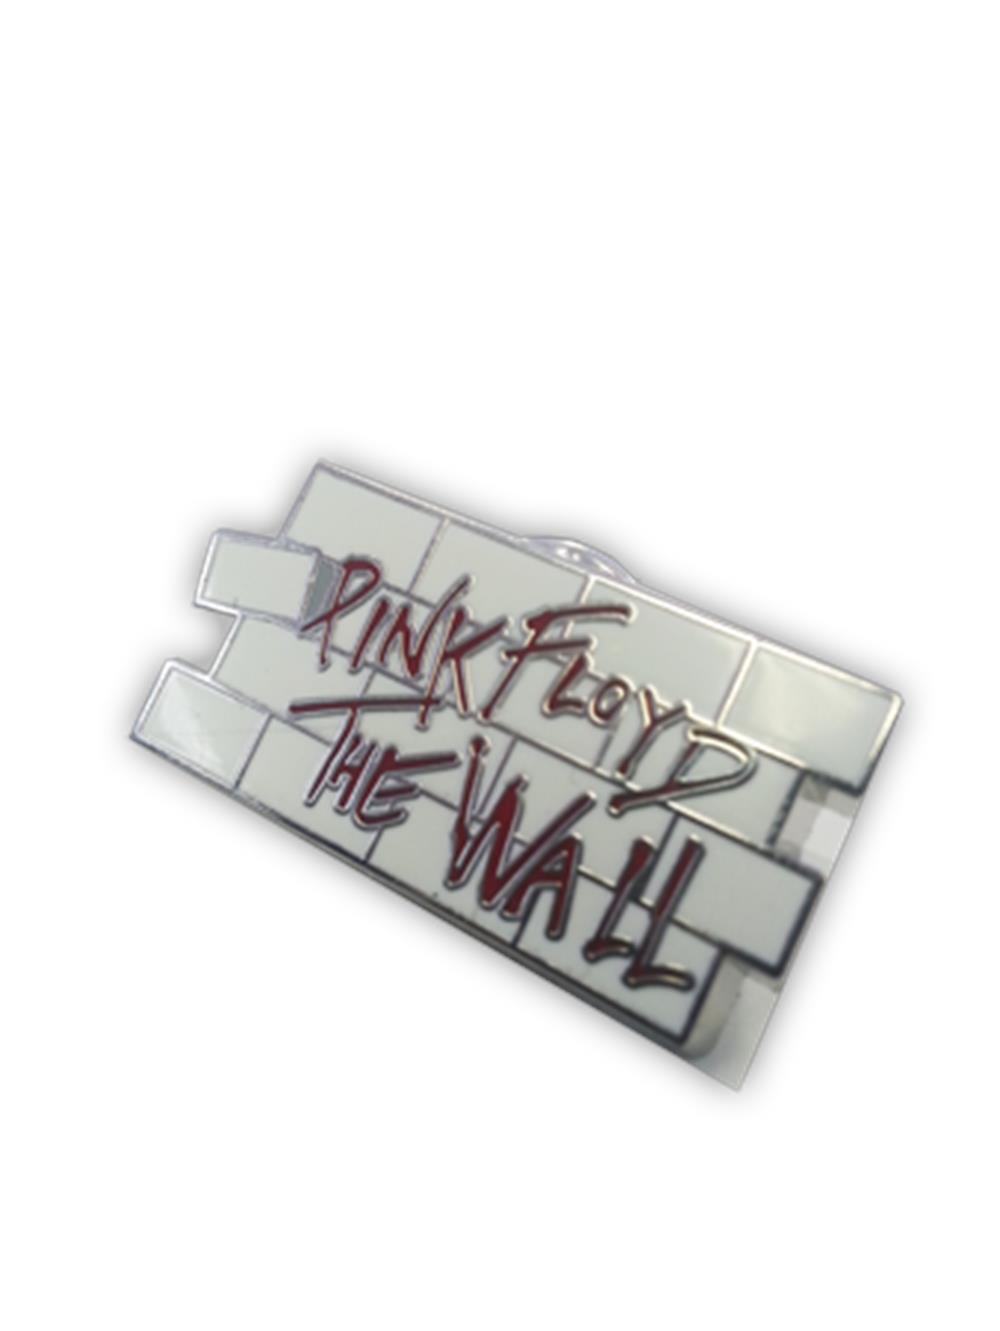 The Wall Pin